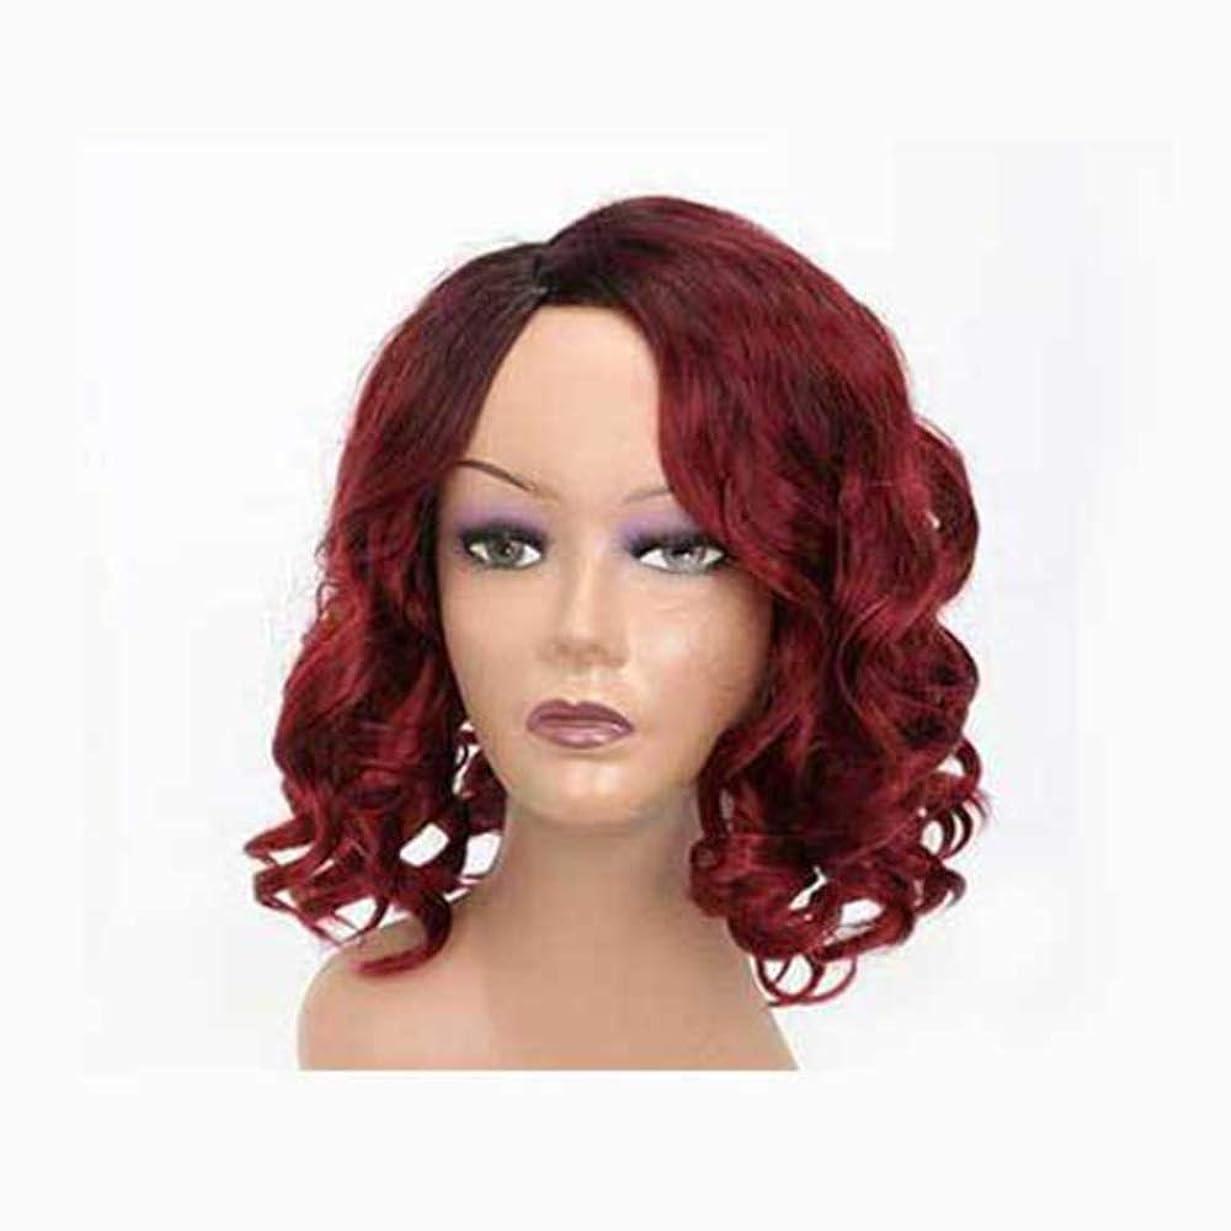 落ち着いて脆い毎月女性のための赤いかつら短い髪ふわふわの波状の髪かつら自然に見える耐熱合成ファッションかつら短い巻き毛のコスプレ